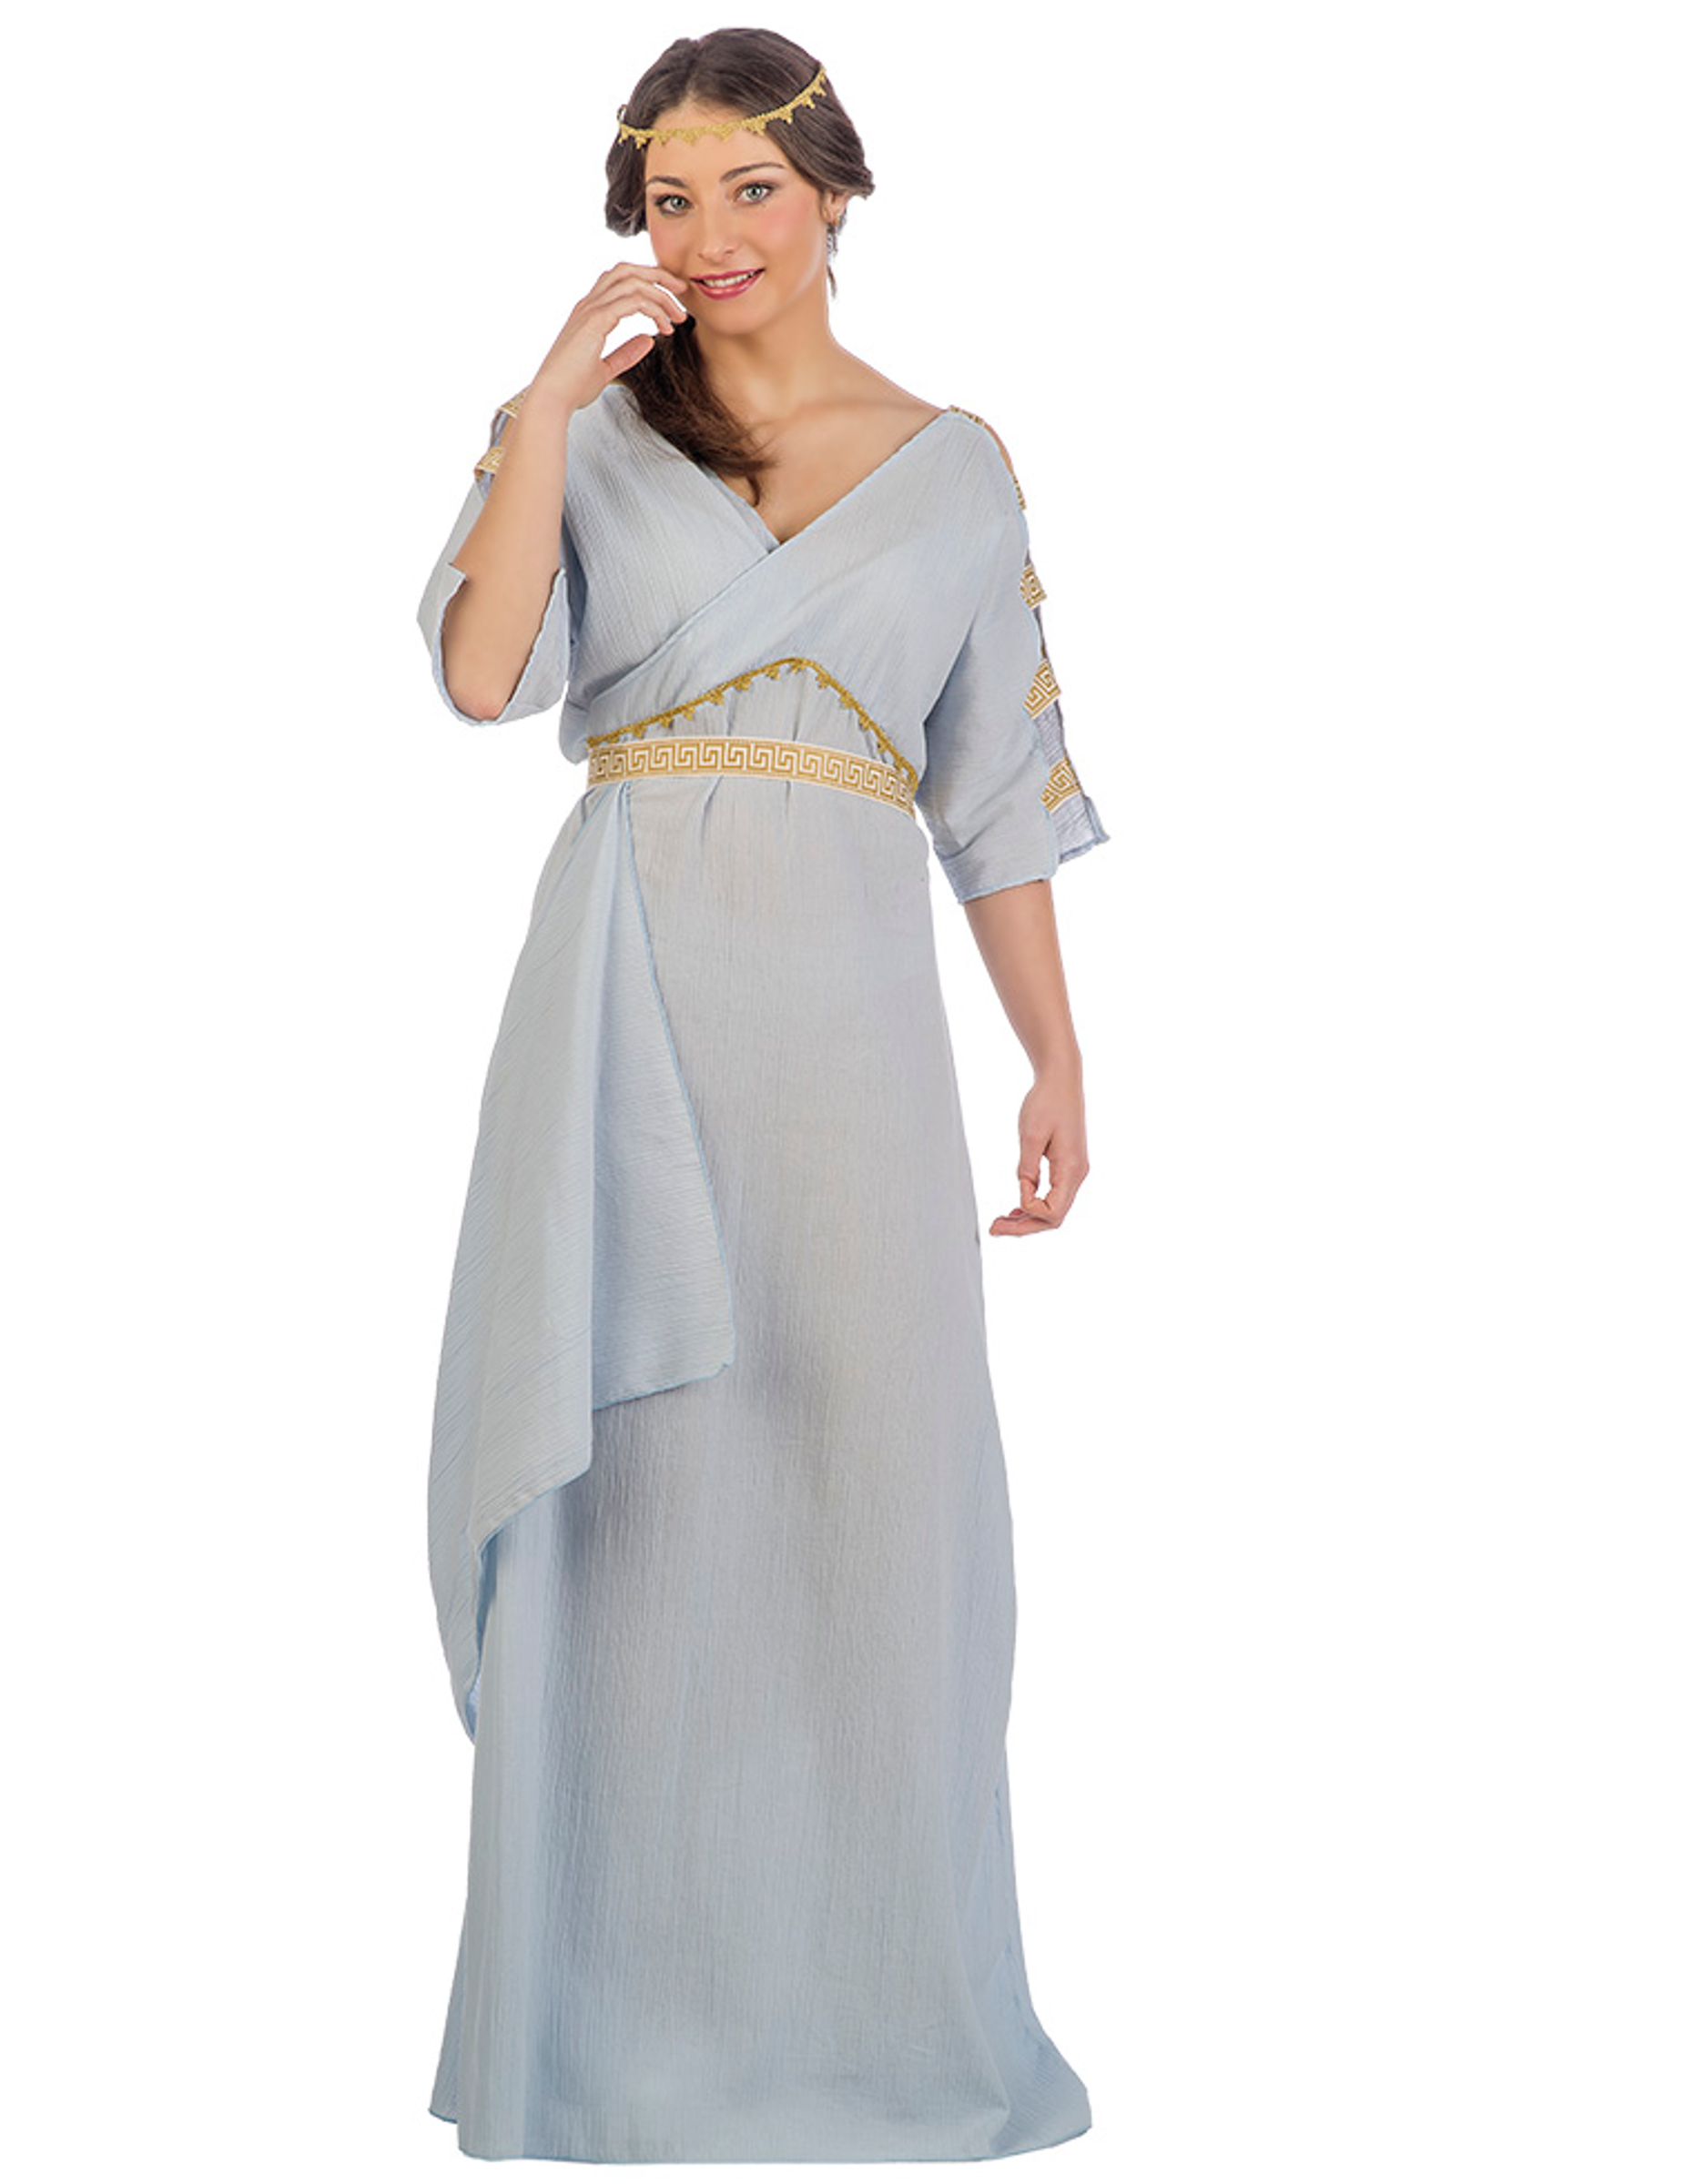 Costume da principessa romana donna costumi adulti e for Principessa romana